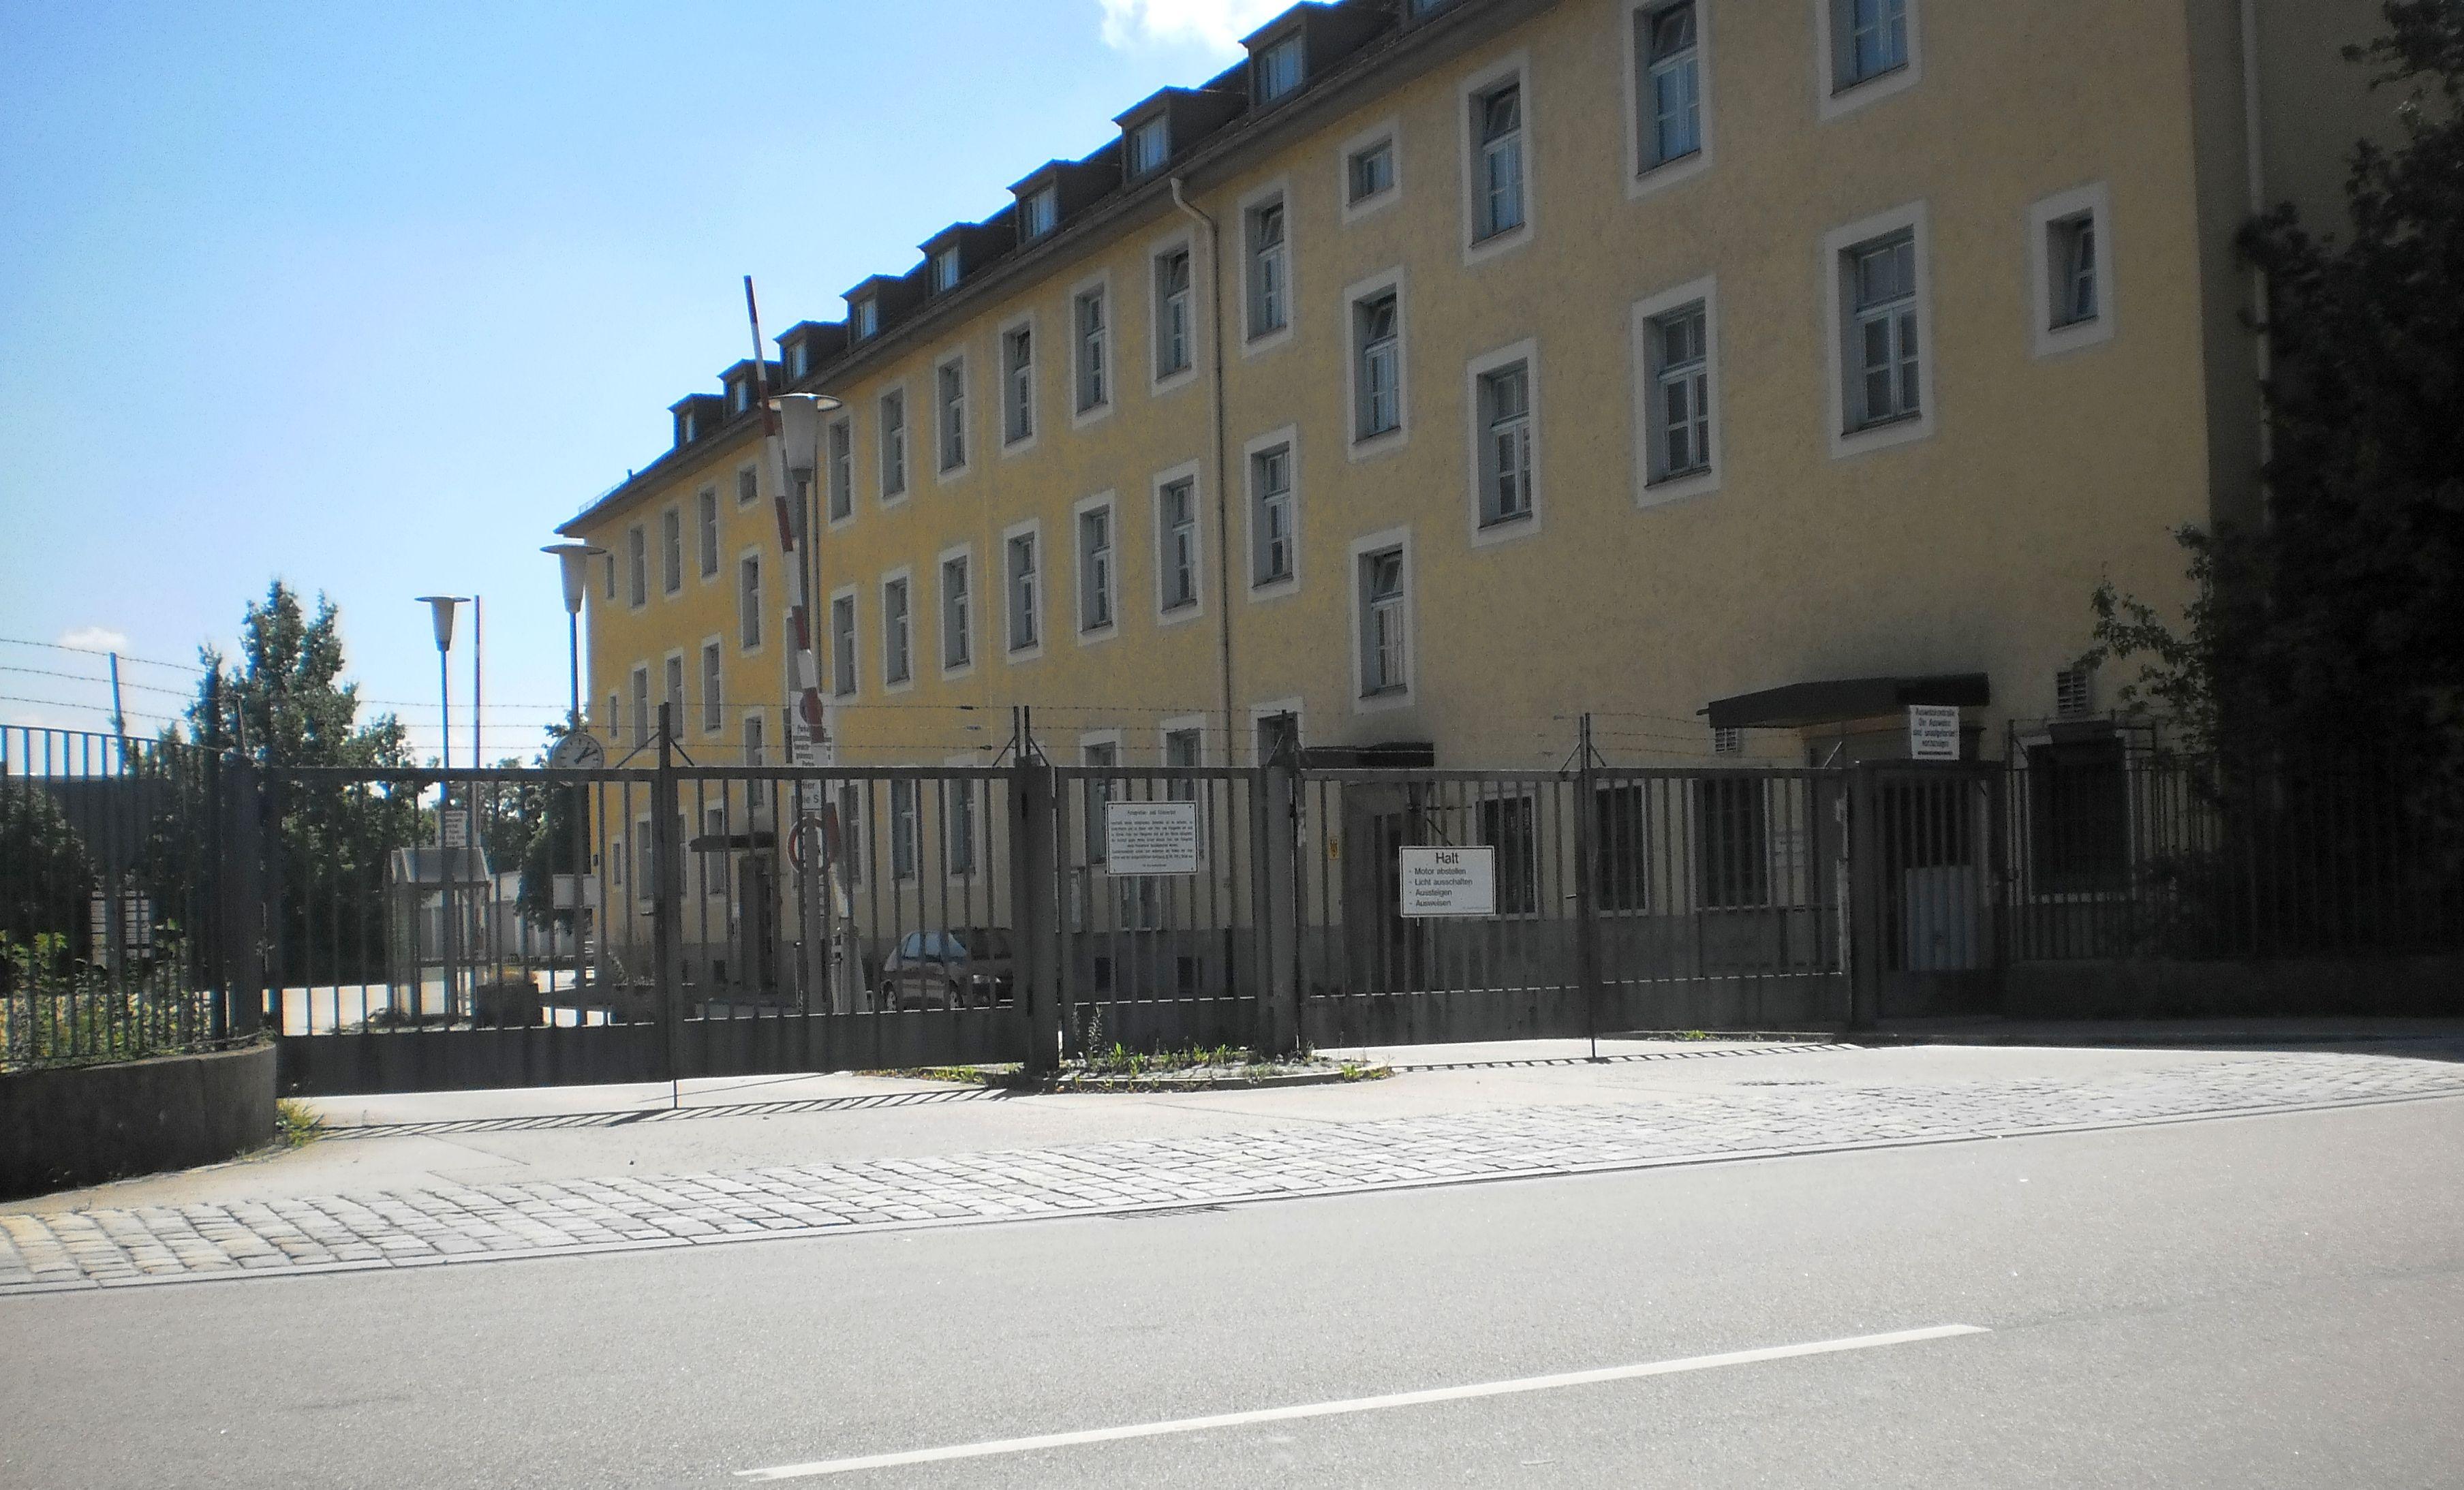 Prinz Leopold Kaserne Regensburg